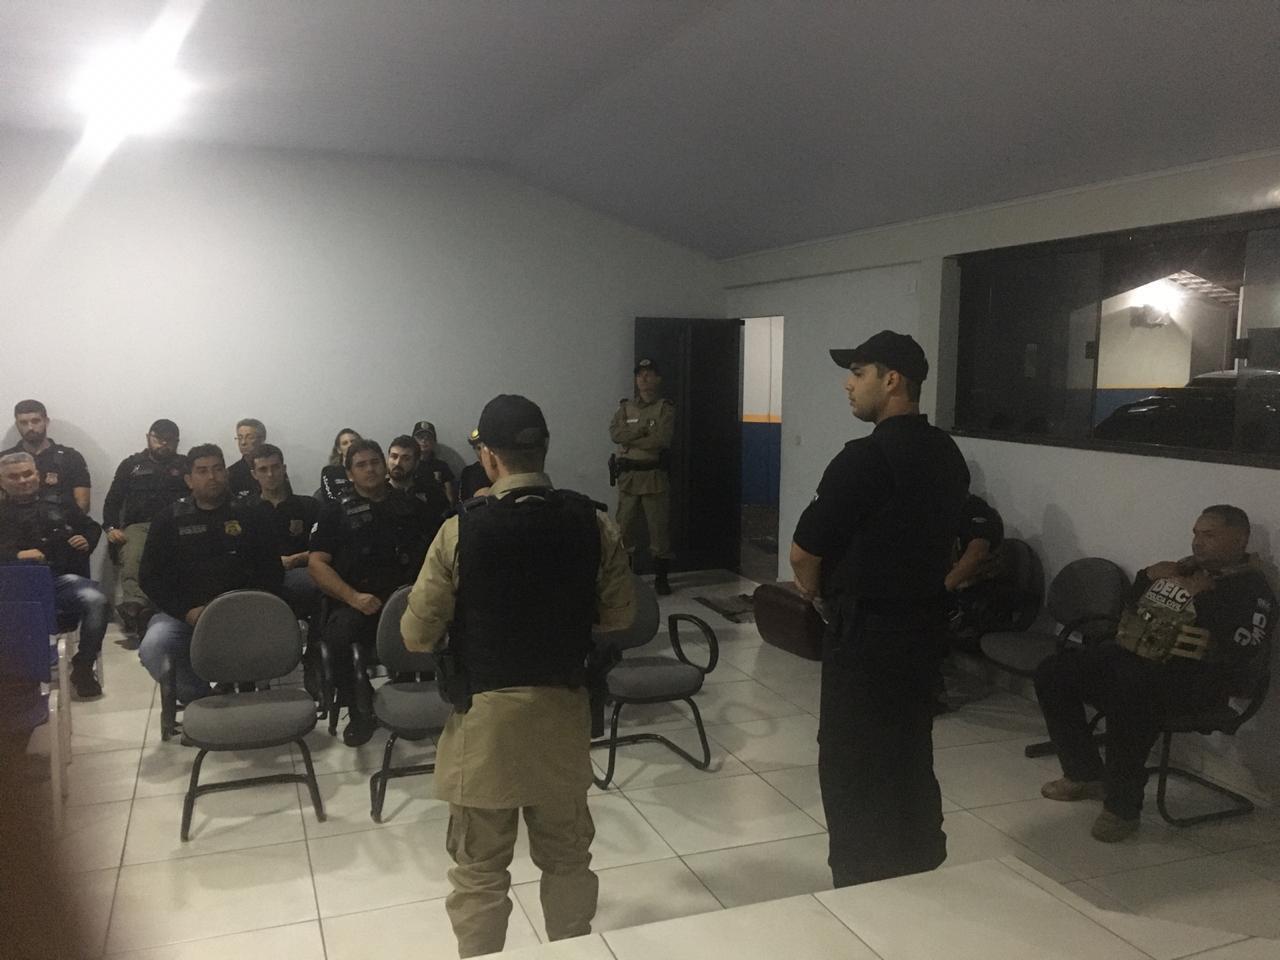 Suspeito por tráfico de drogas e preso pela Polícia Civil em Paraíso